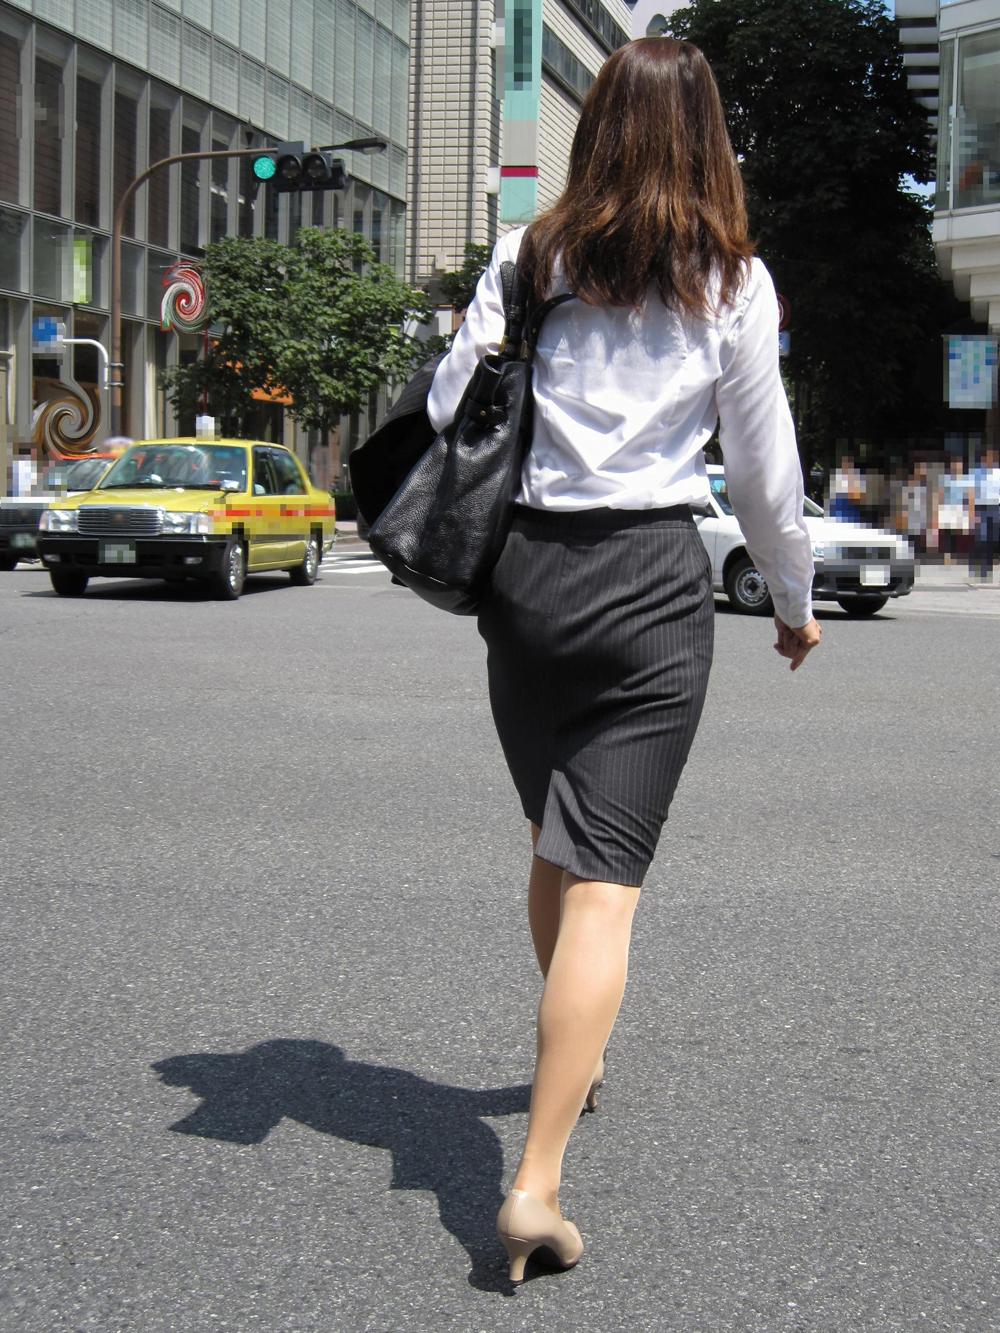 img 5fa907d94456a - 【OL街撮り画像】今日もどデカい尻でオフィス街を歩く美人なOLさんの後ろ姿【34枚】